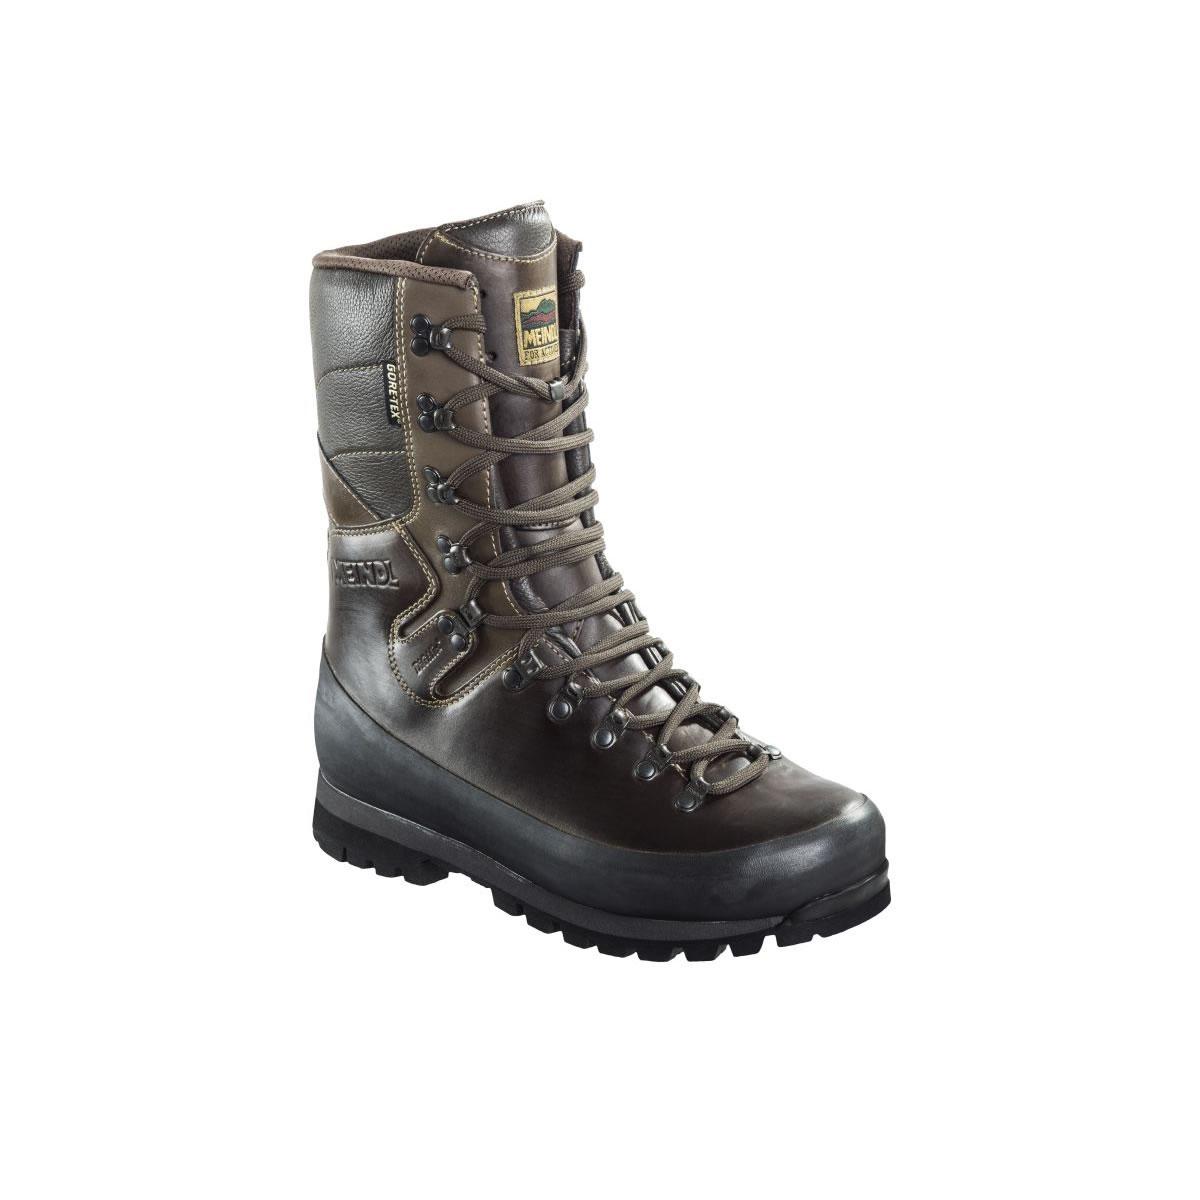 002fad8dd2e Meindl. Highland Industrial Supplies Ltd UK